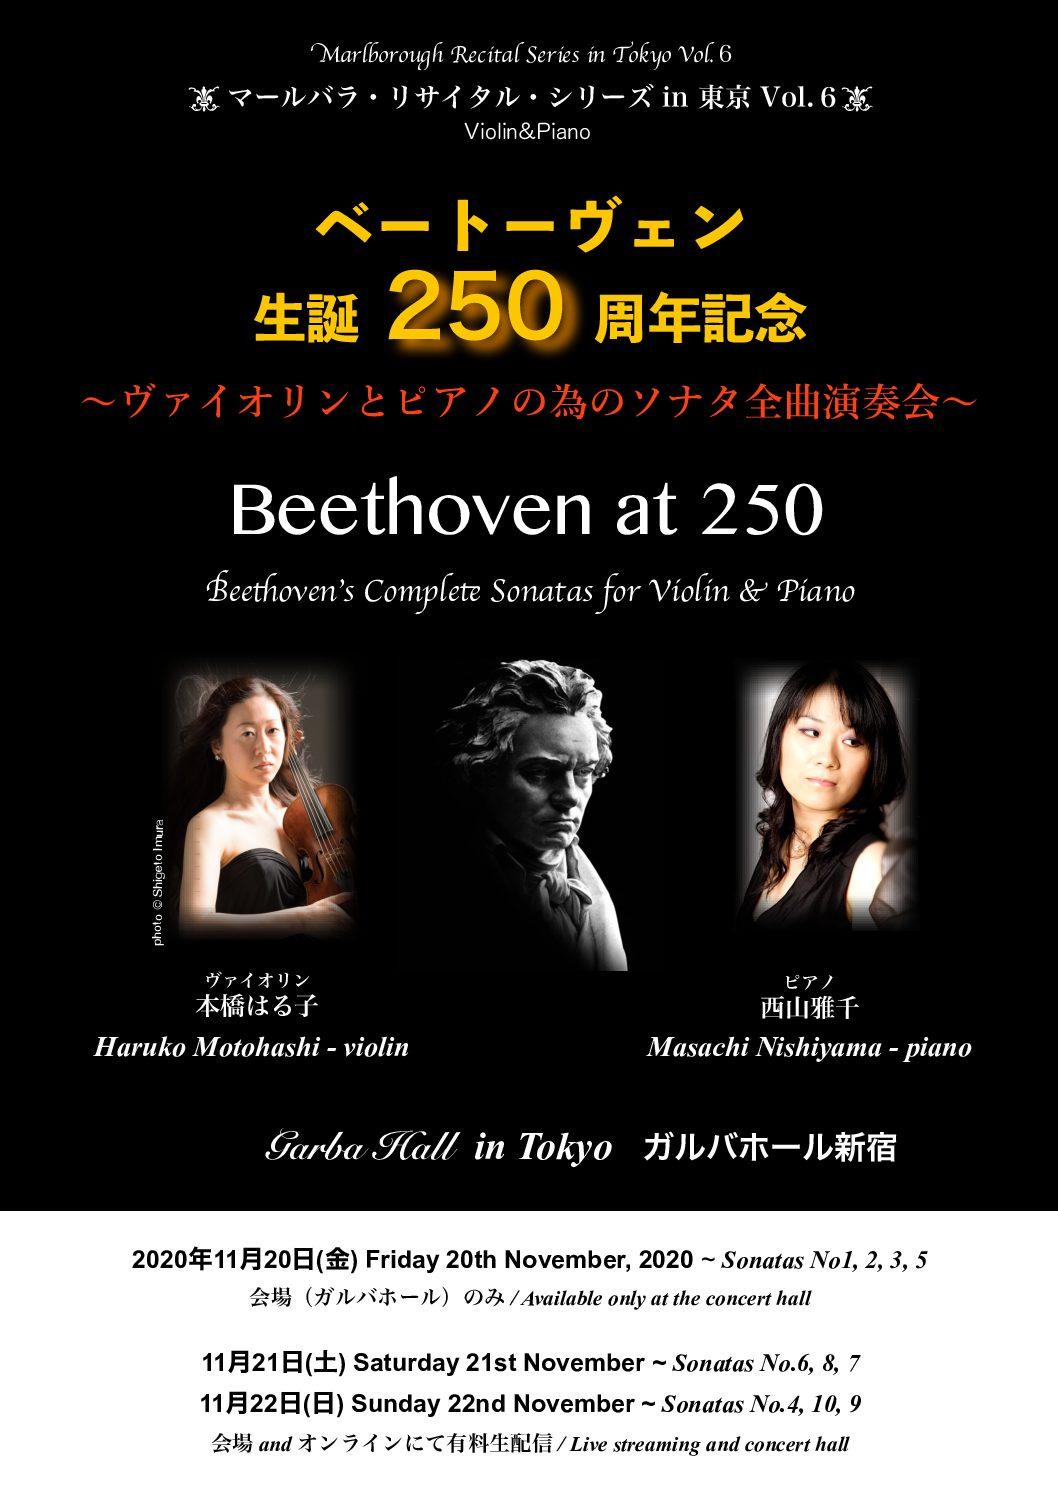 ベートーヴェン生誕250周年記念ヴァイオリンとピアノの為のソナタ全曲演奏会〜 第6回マールバラ・ リサイタル・シリーズ in 東京